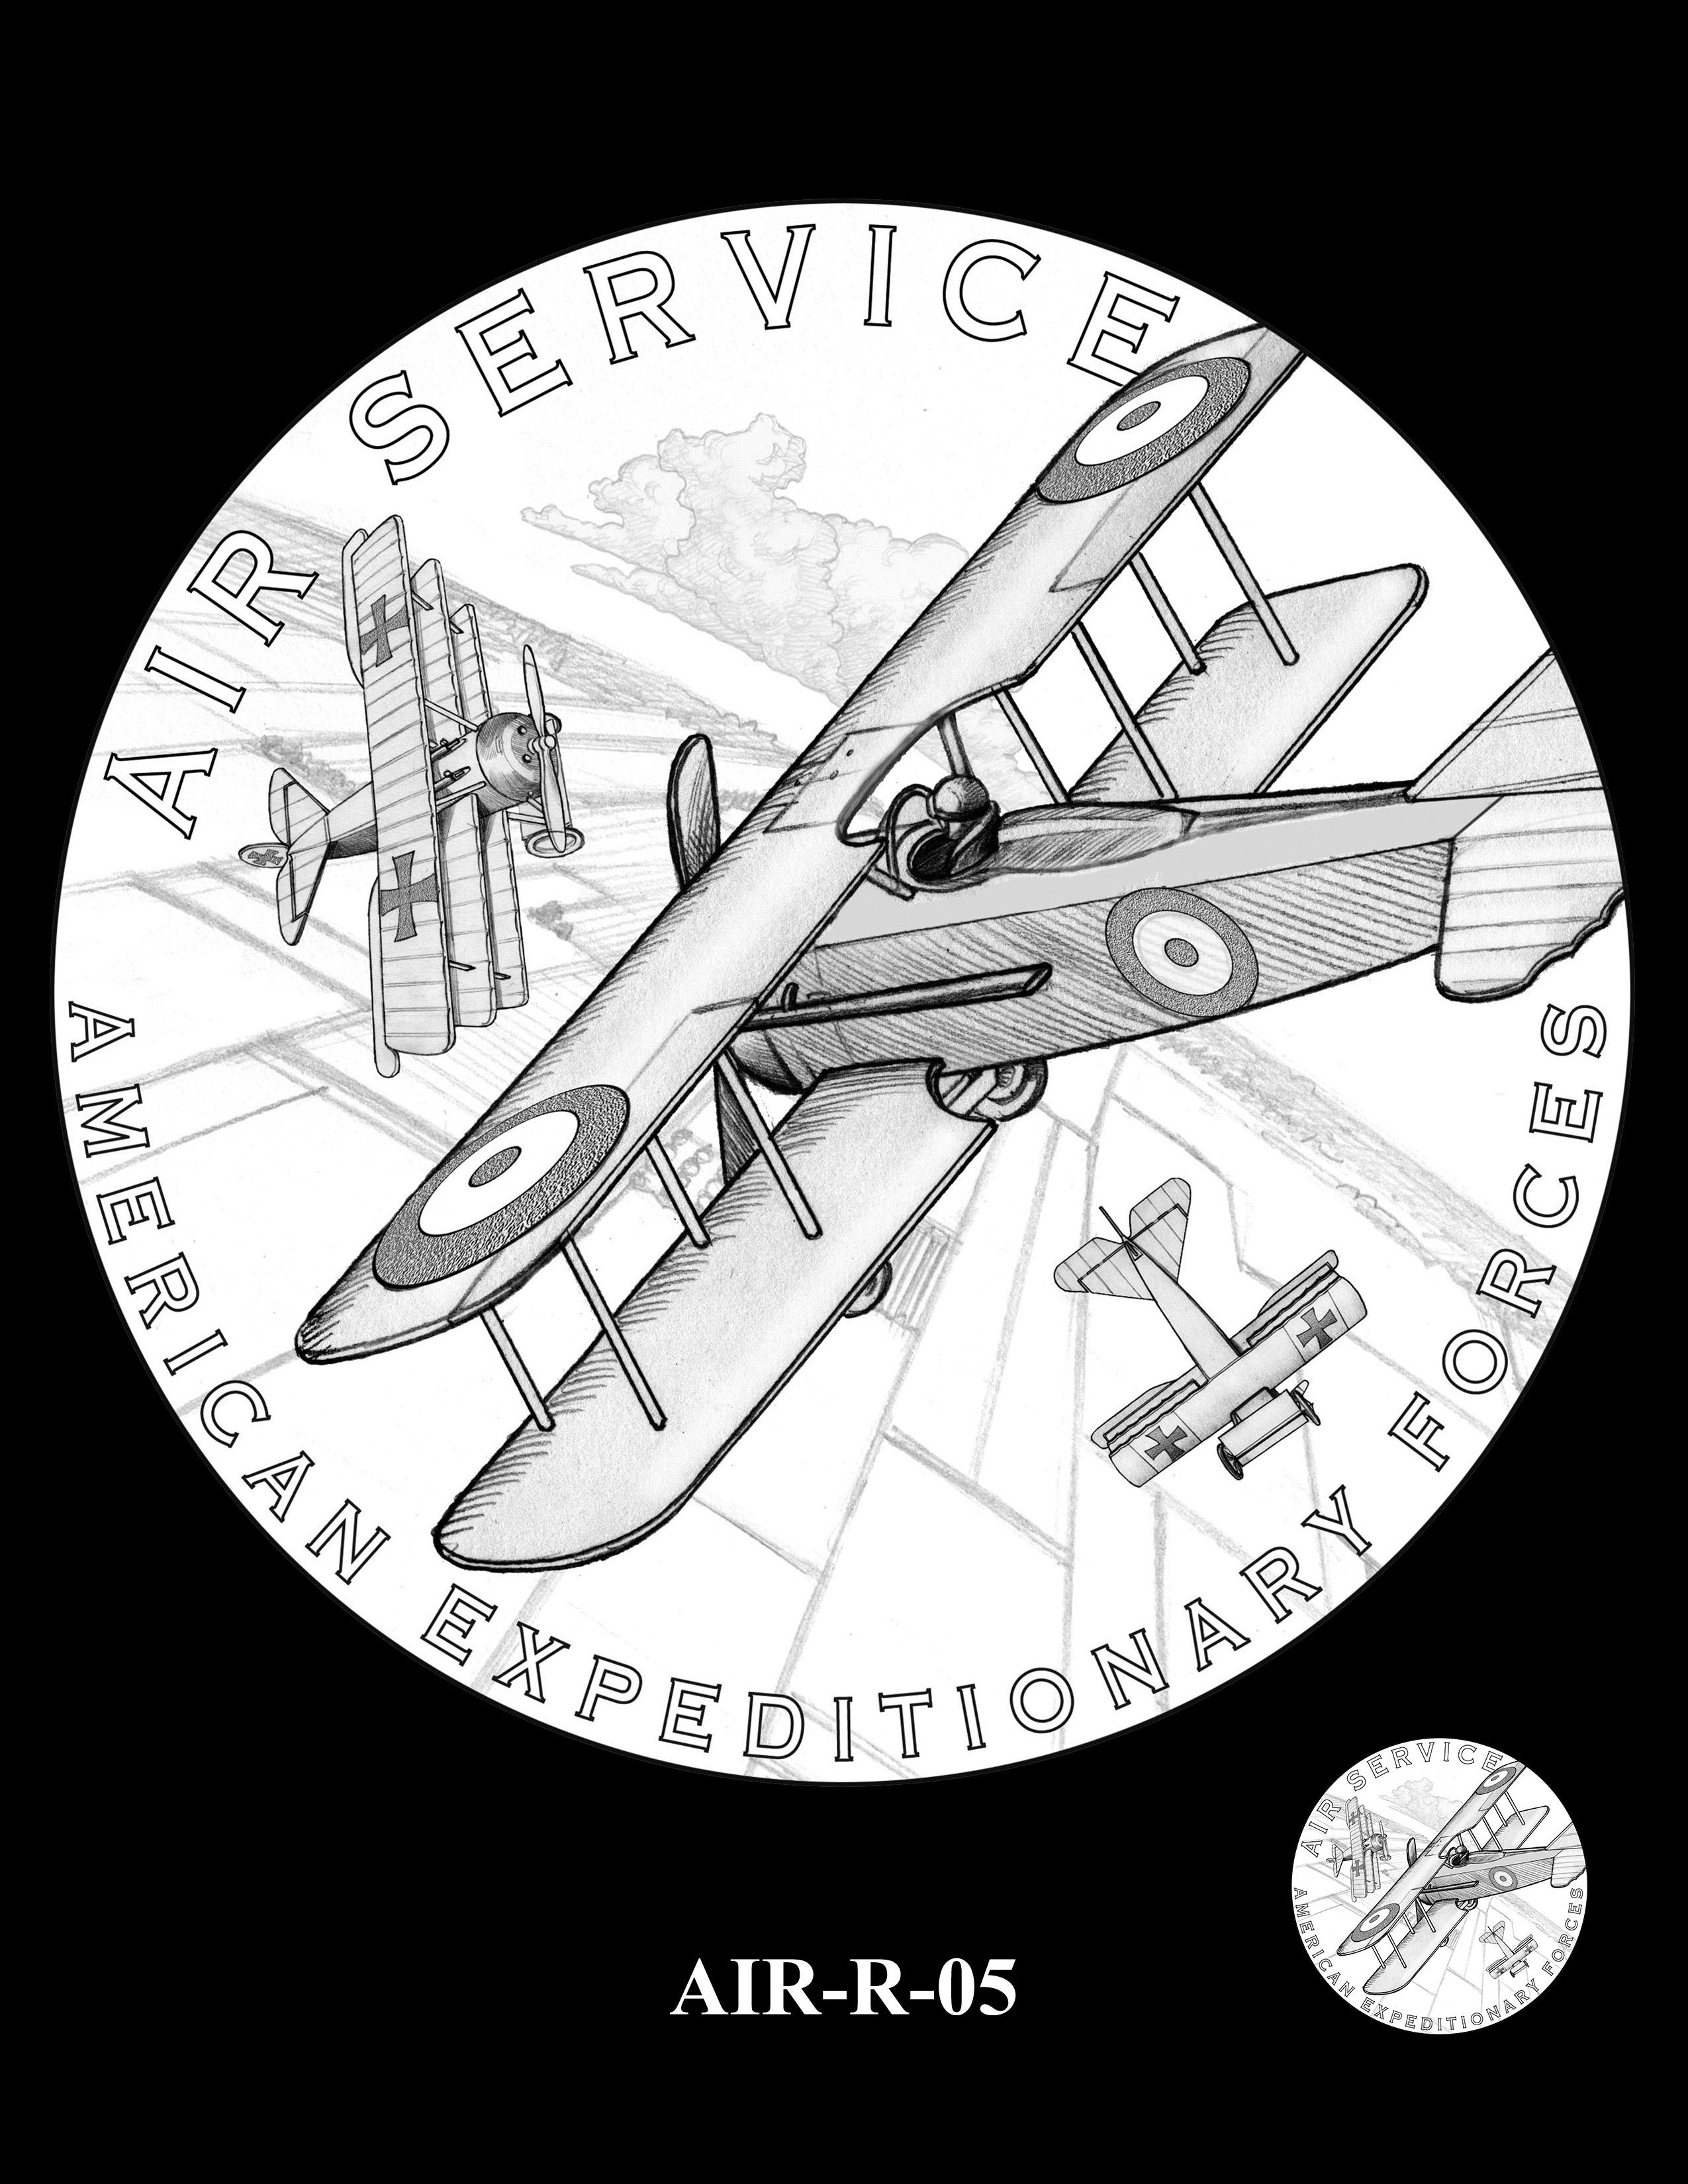 P1-AIR-R-05 --2018-World War I Silver Medals - Air Service